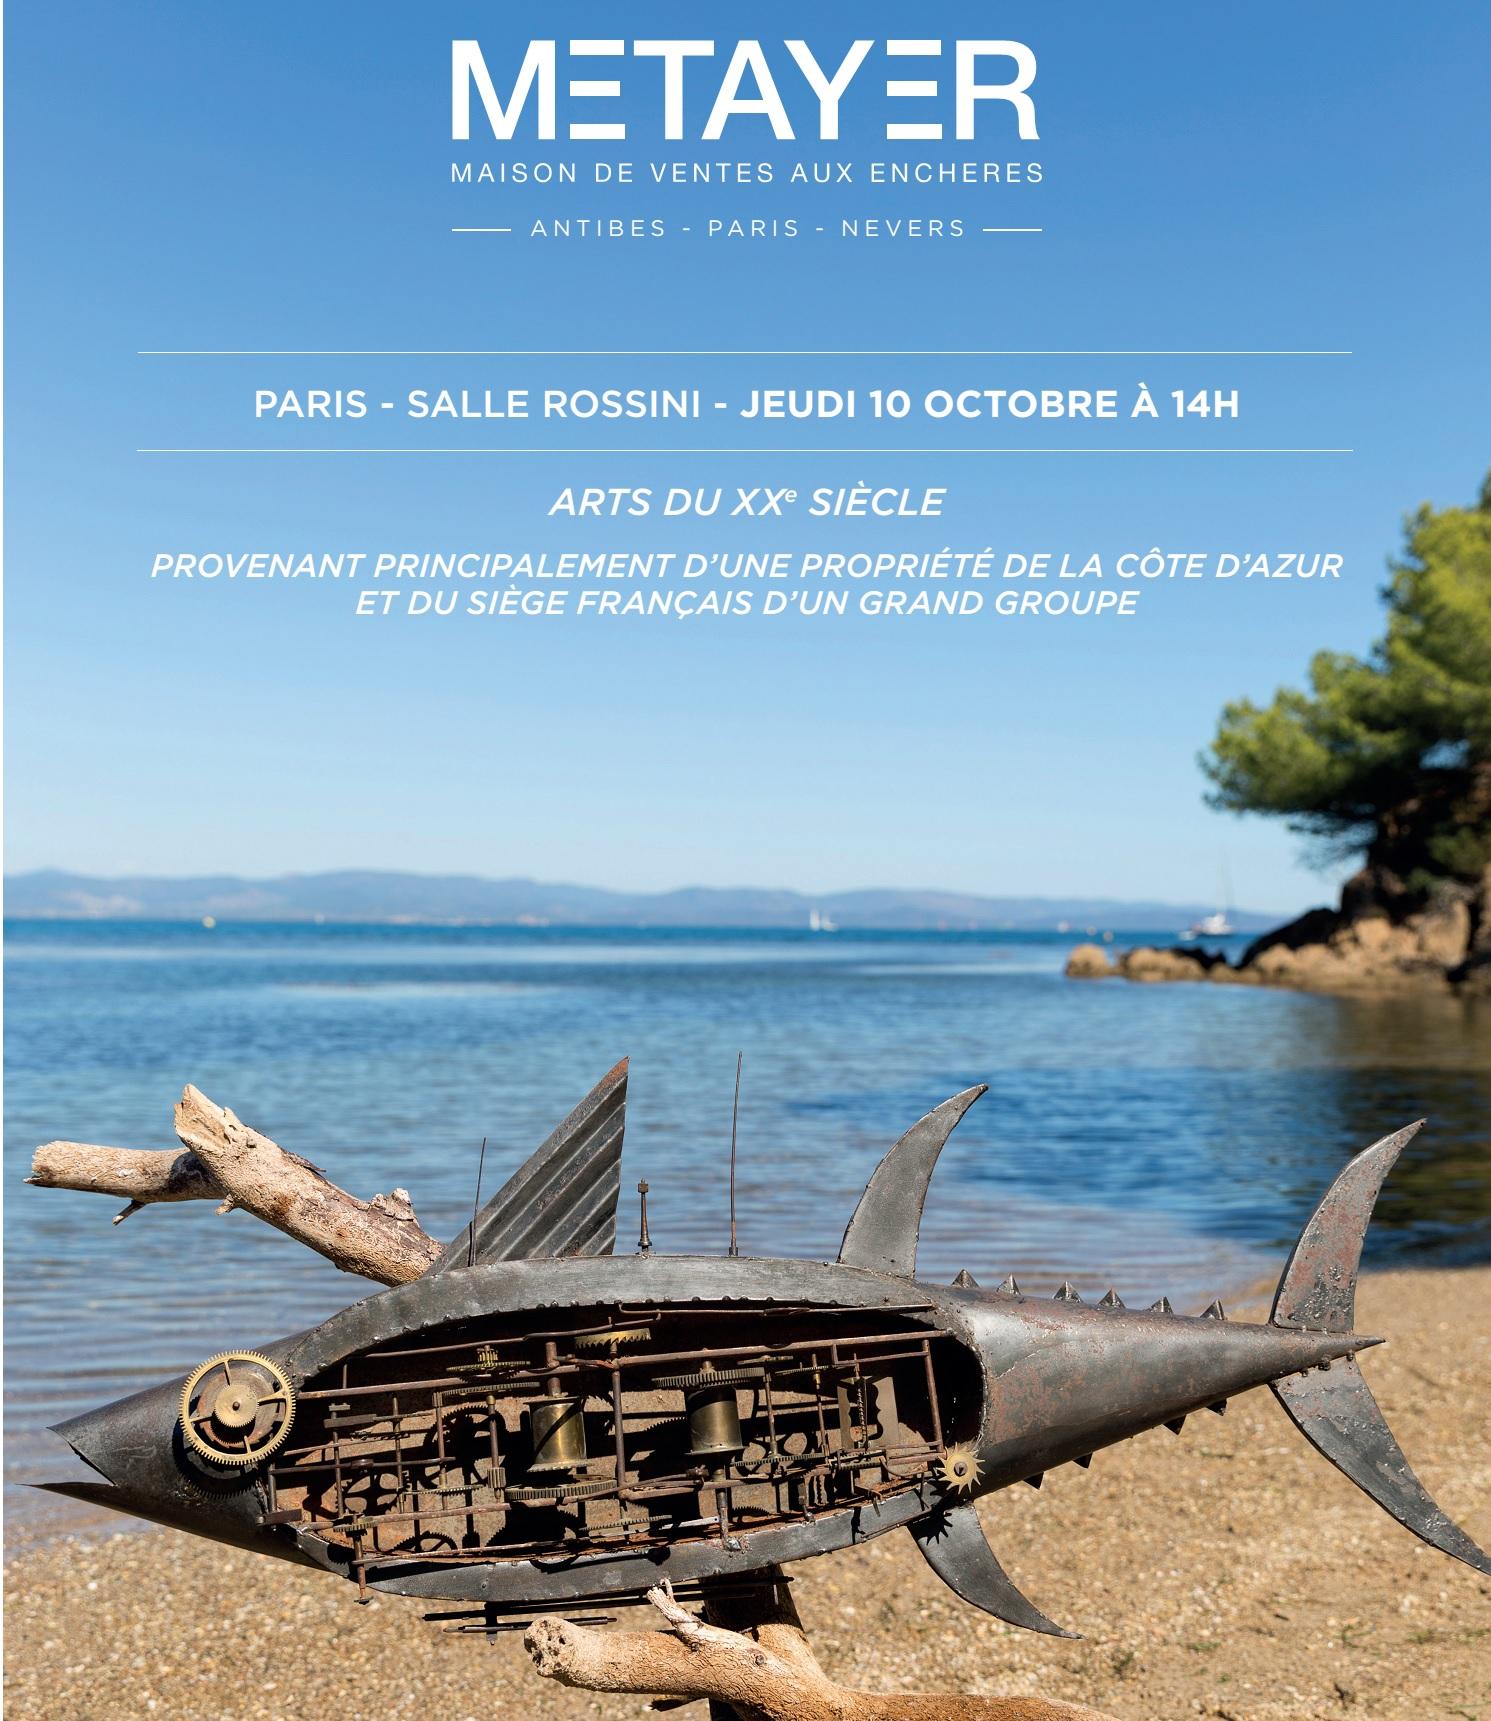 Vente Arts du XXème siècle chez Metayer Maison de Ventes aux Enchères Paris : 285 lots